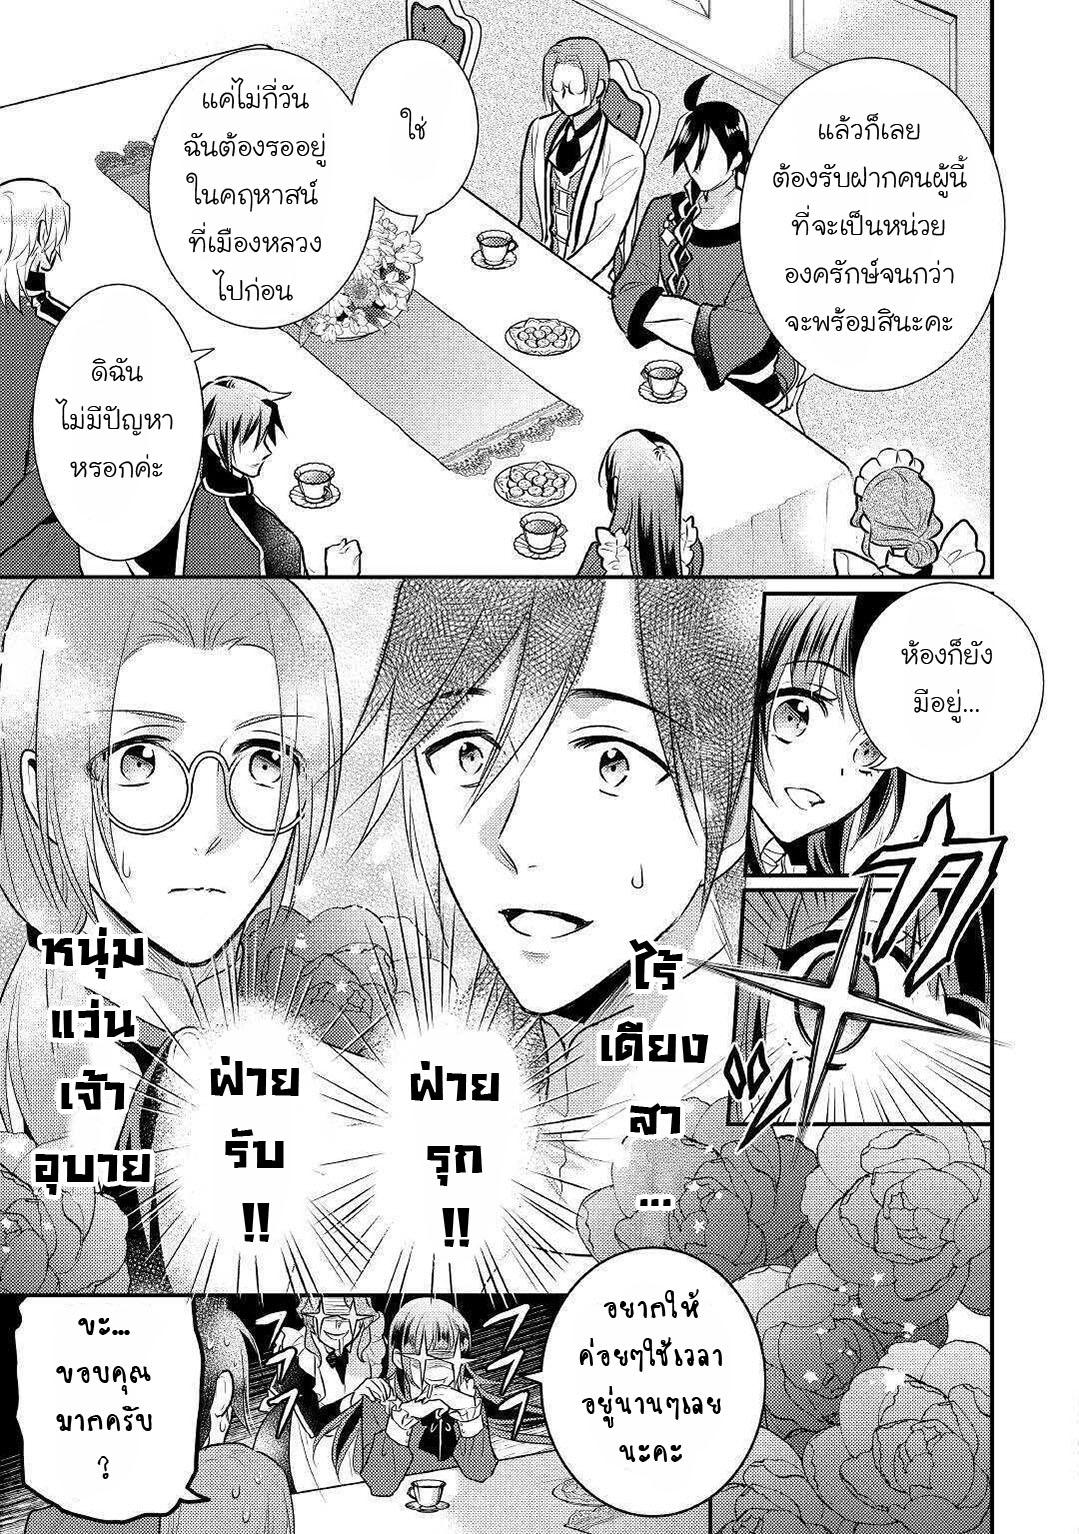 อ่านการ์ตูน Daites Ryou Koubouki ตอนที่ 27 หน้าที่ 15